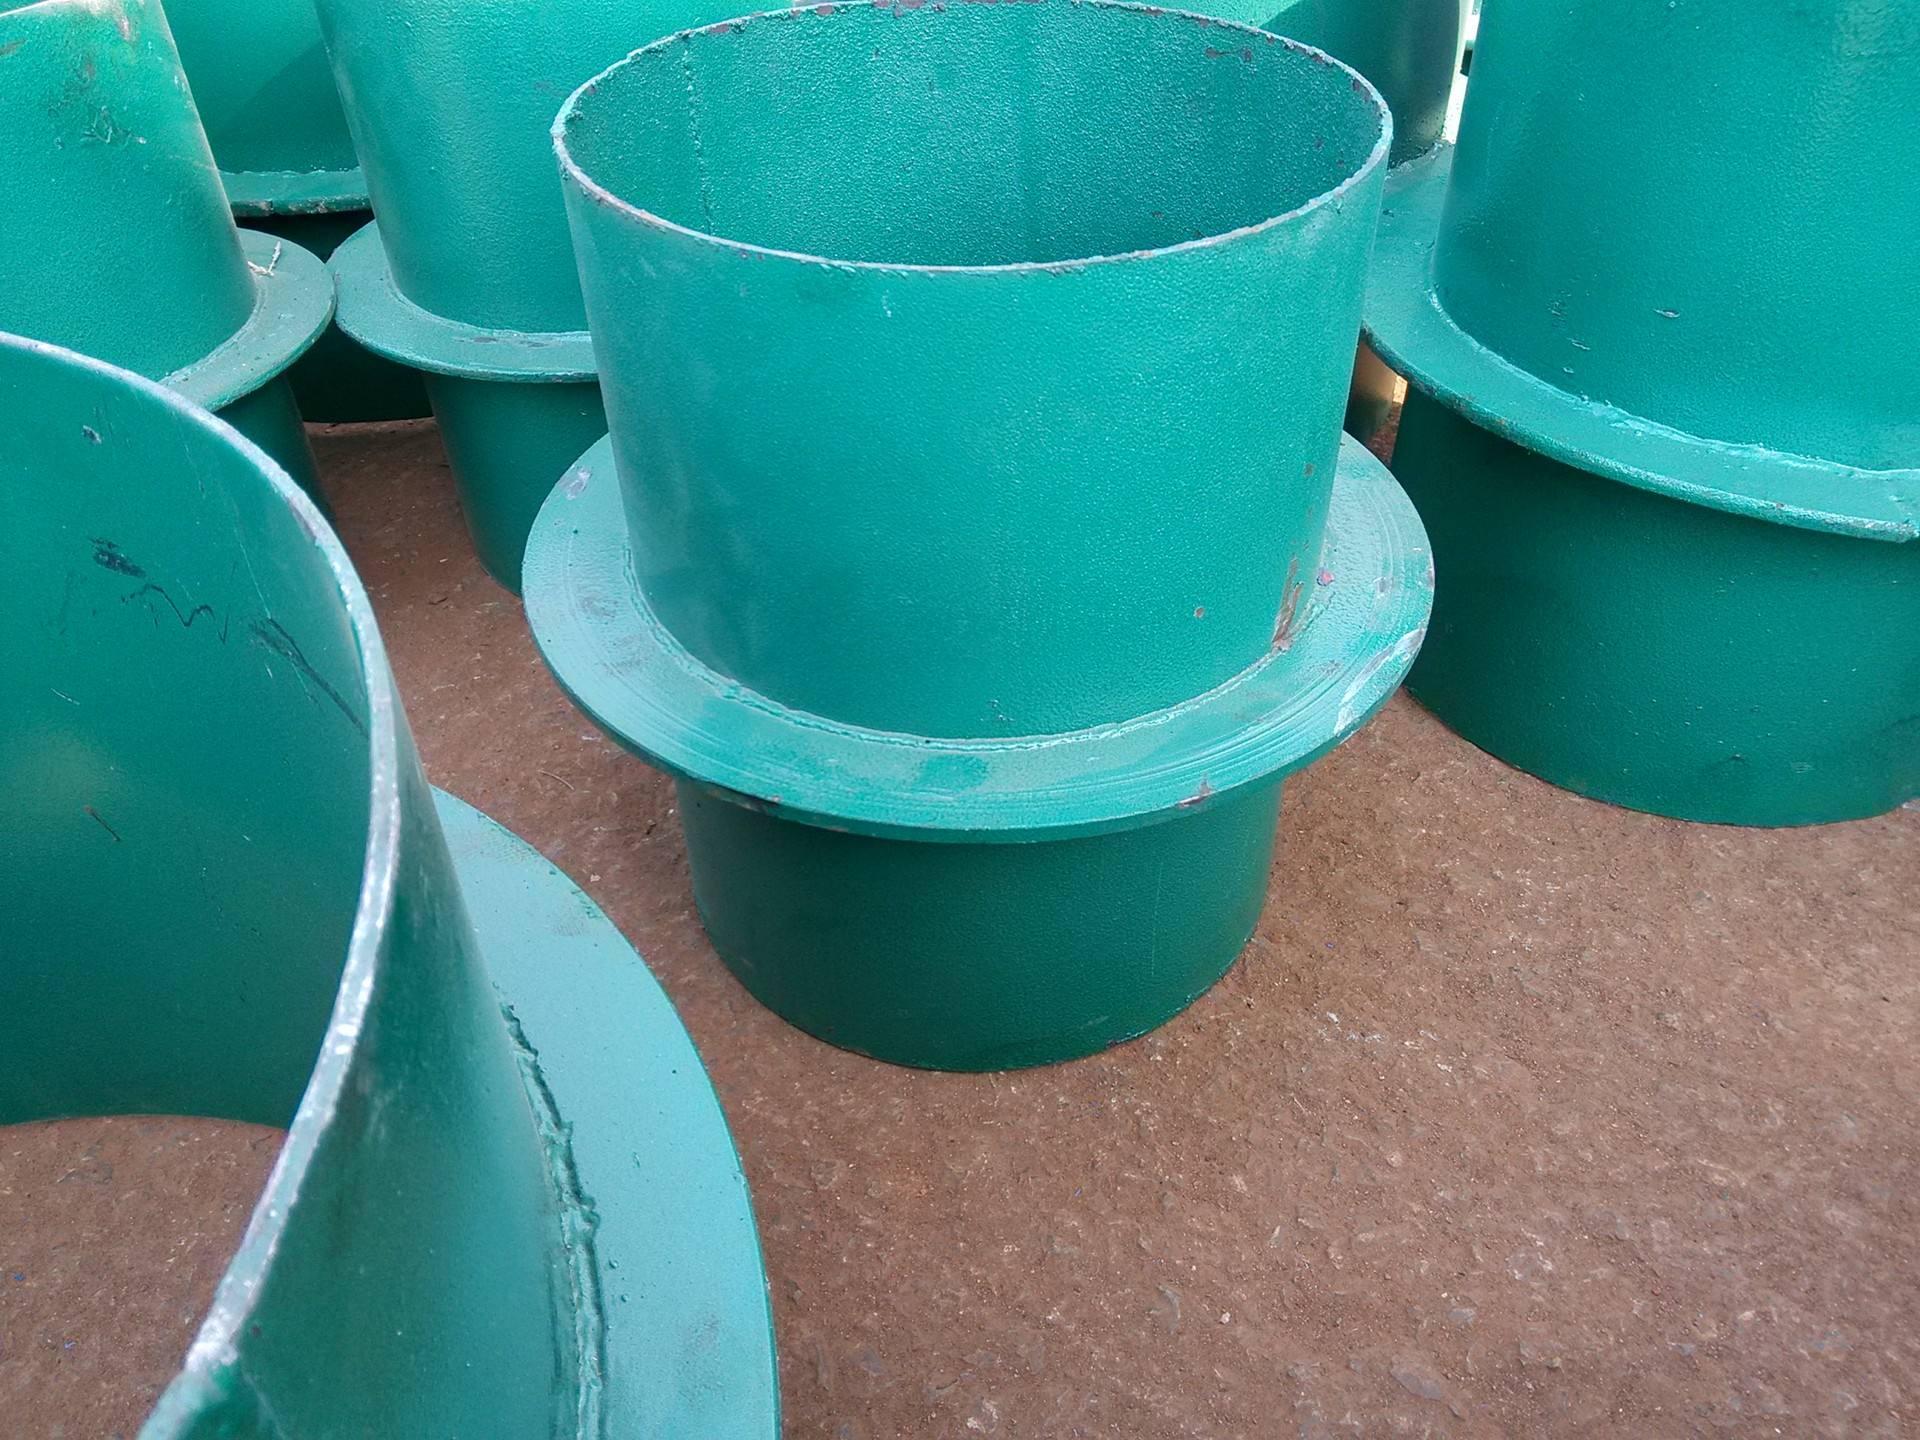 宝鸡柔性防水套管,宝鸡市柔性防水套管厂家,柔性防水套管